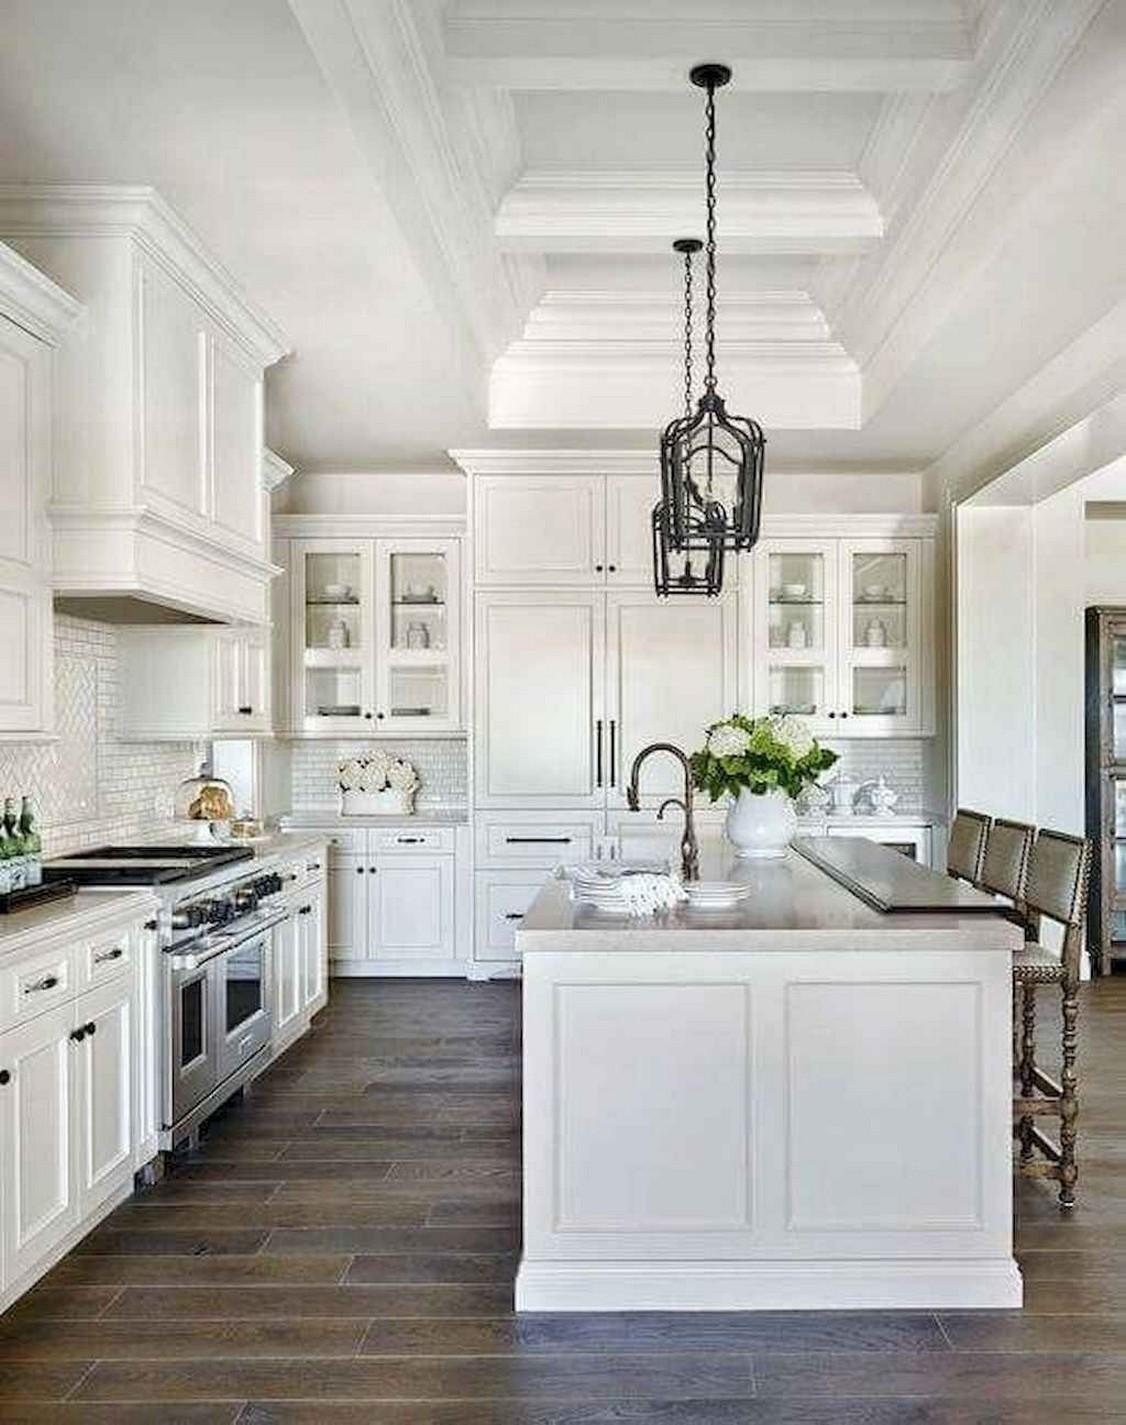 86 Modern Kitchen Ideas For Modern Kitchens Home Decor 85